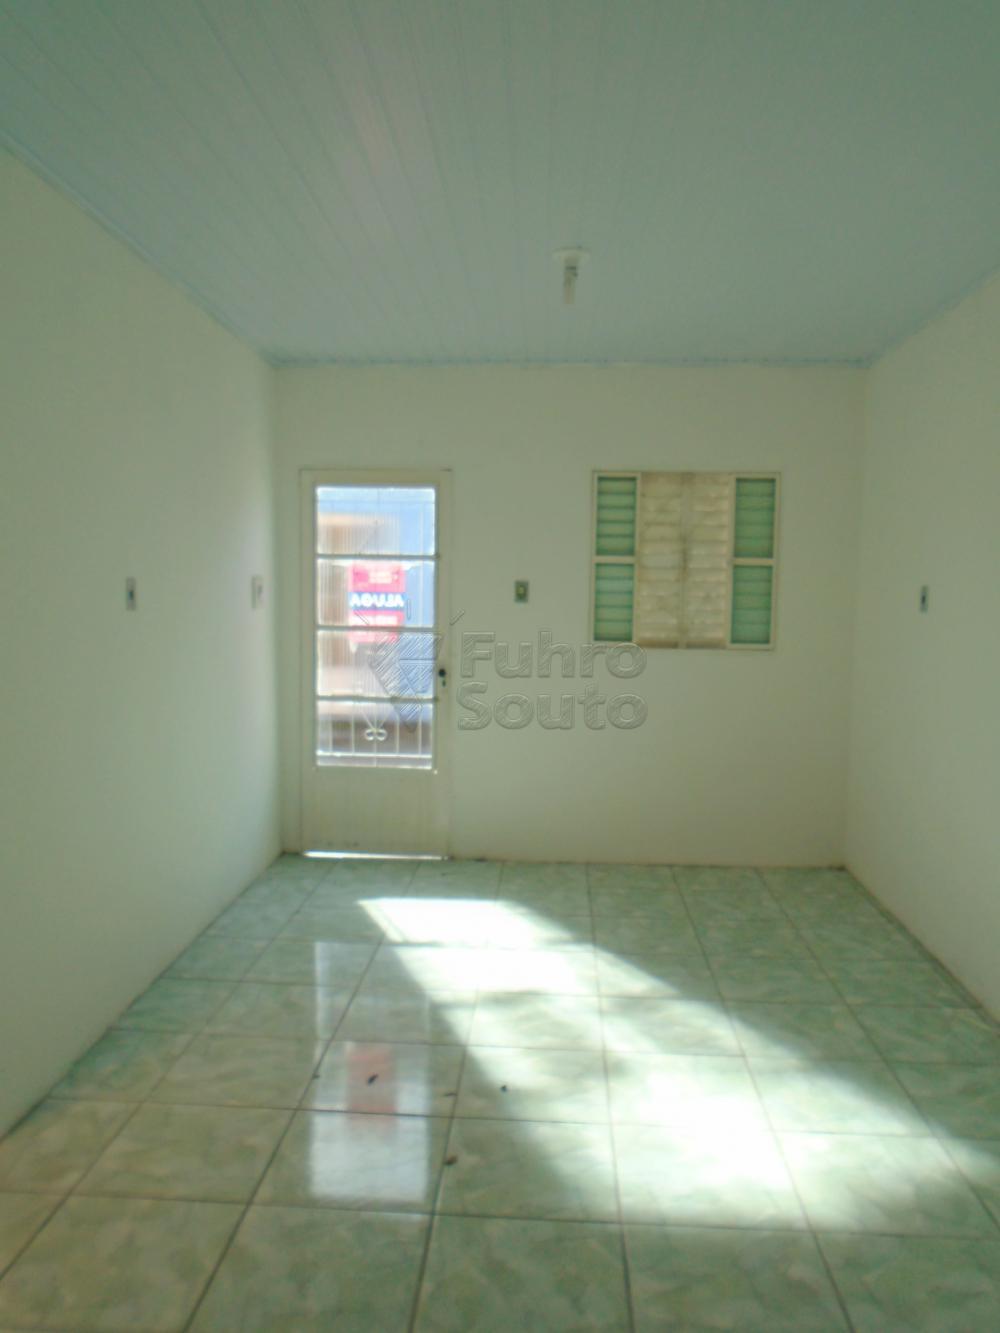 Alugar Casa / Padrão em Pelotas R$ 600,00 - Foto 3